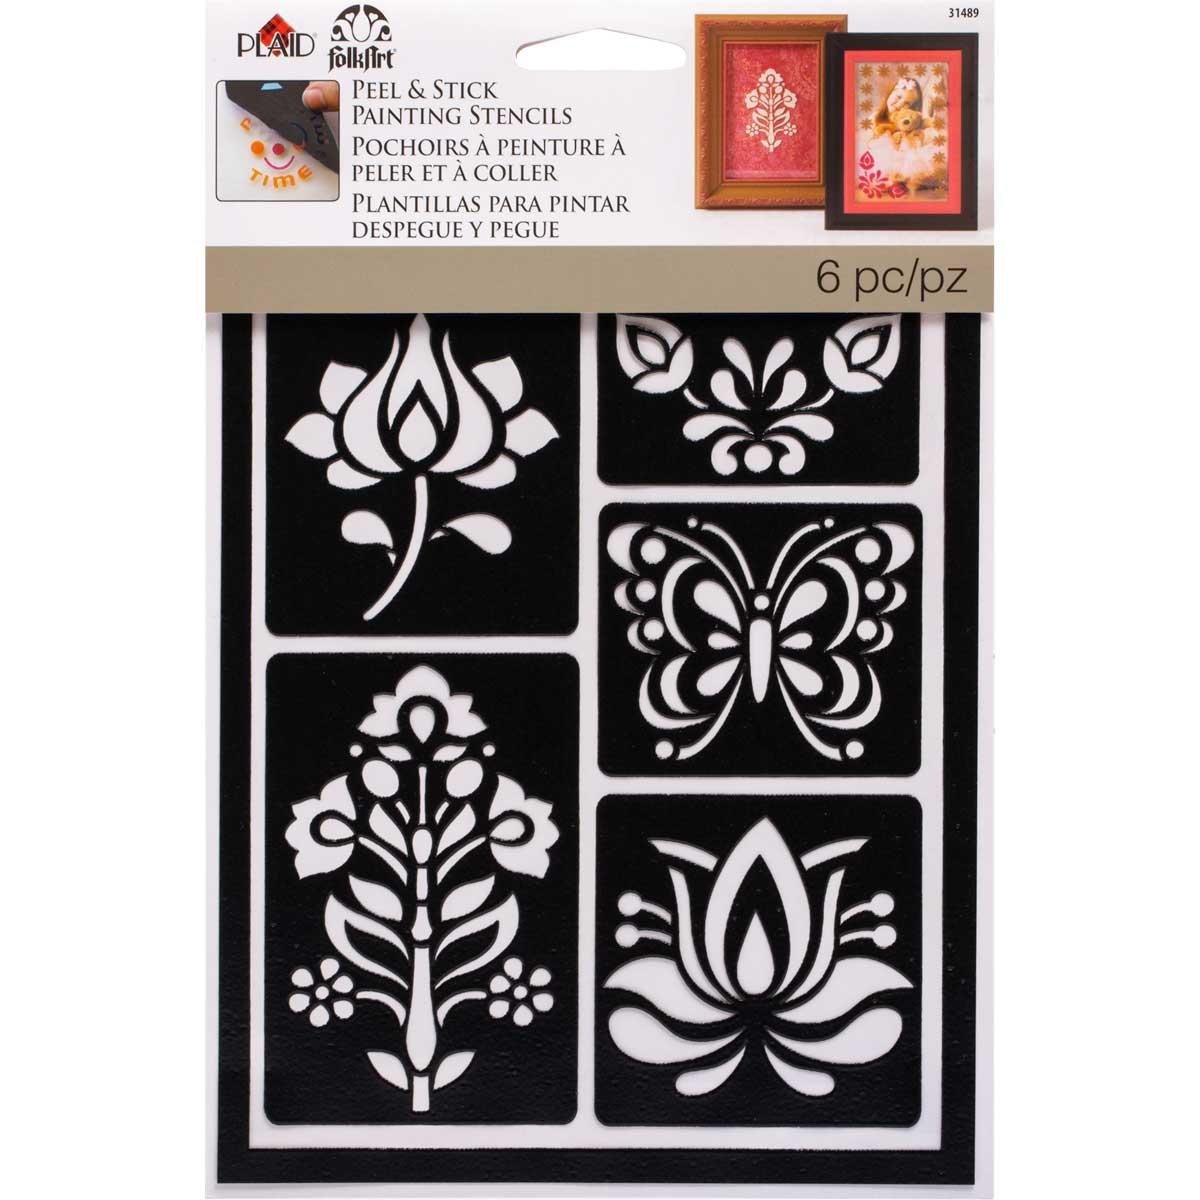 FolkArt ® Peel & Stick Painting Stencils - Folkloric